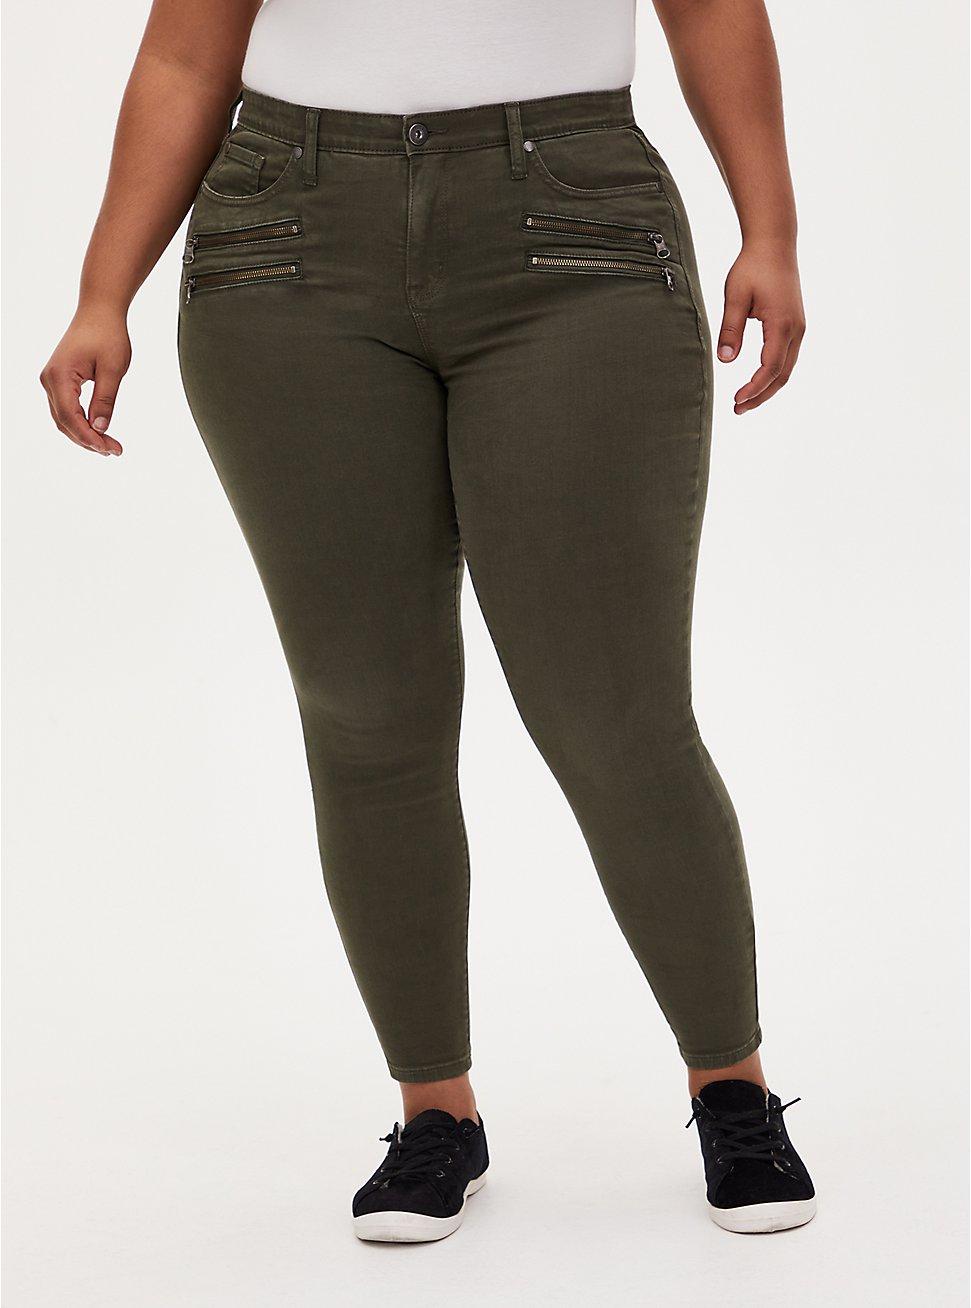 Sky High Skinny Jean - Super Soft Olive, DEEP DEPTHS, hi-res